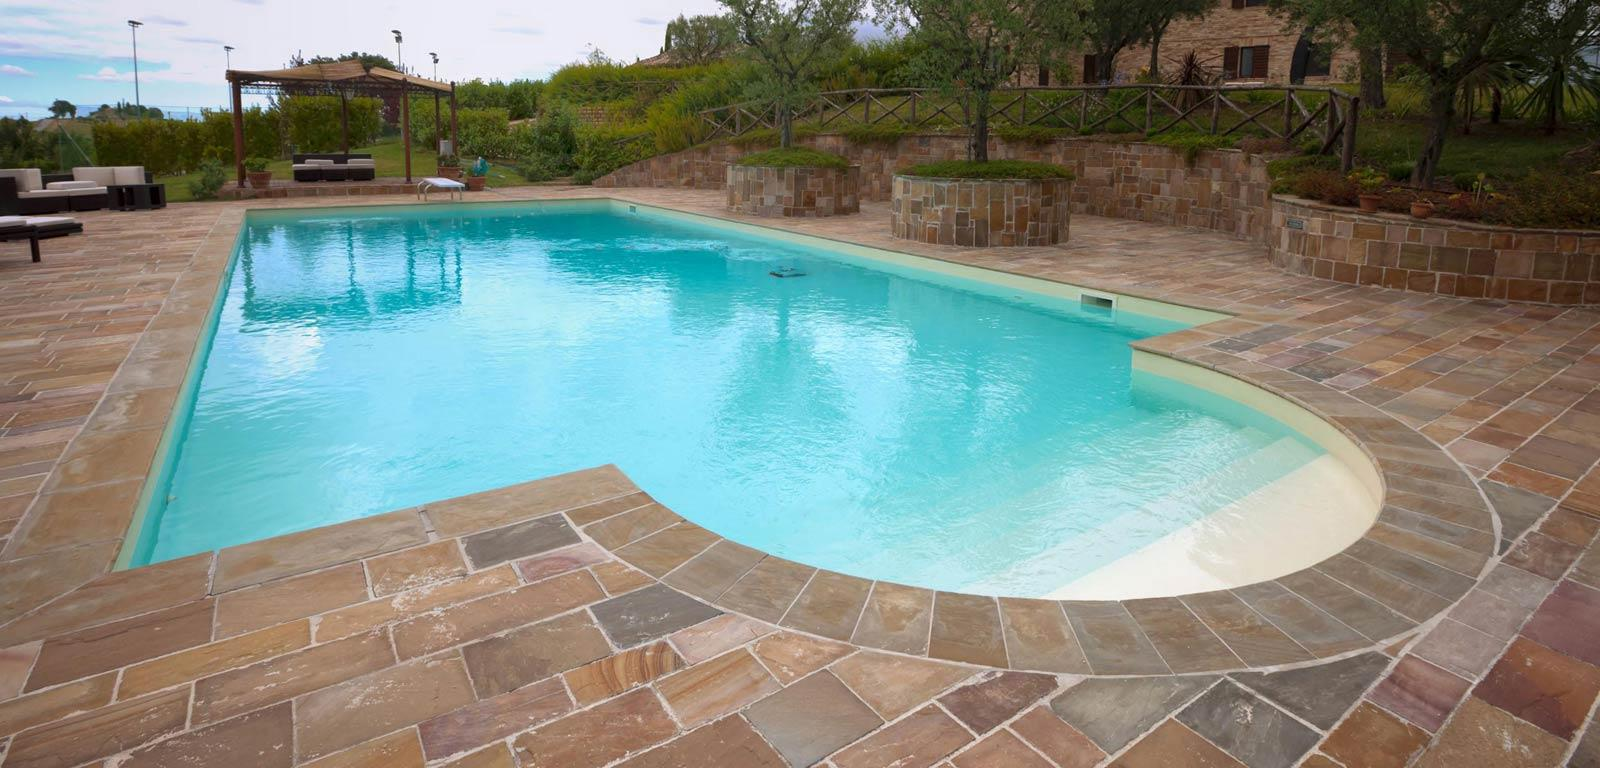 Piscine con rivestimento sabbia piscine castiglione - Saldatura telo pvc piscina ...